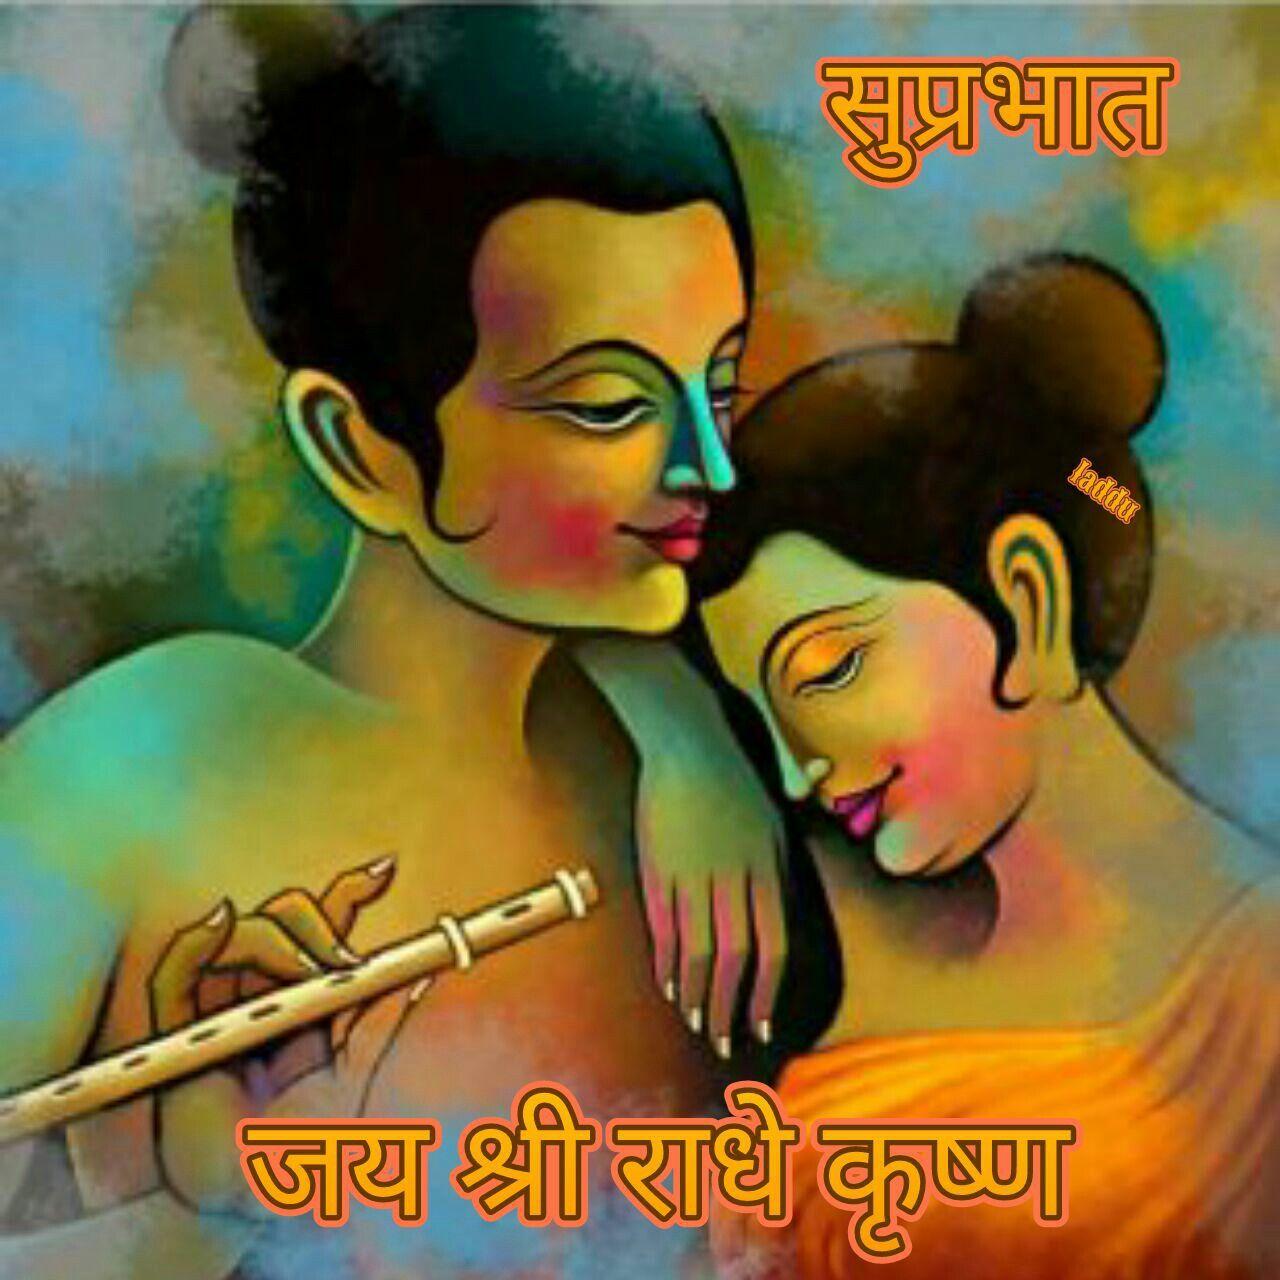 Good Morning 8 Good Morning Krishna Painting Krishna Art Painting